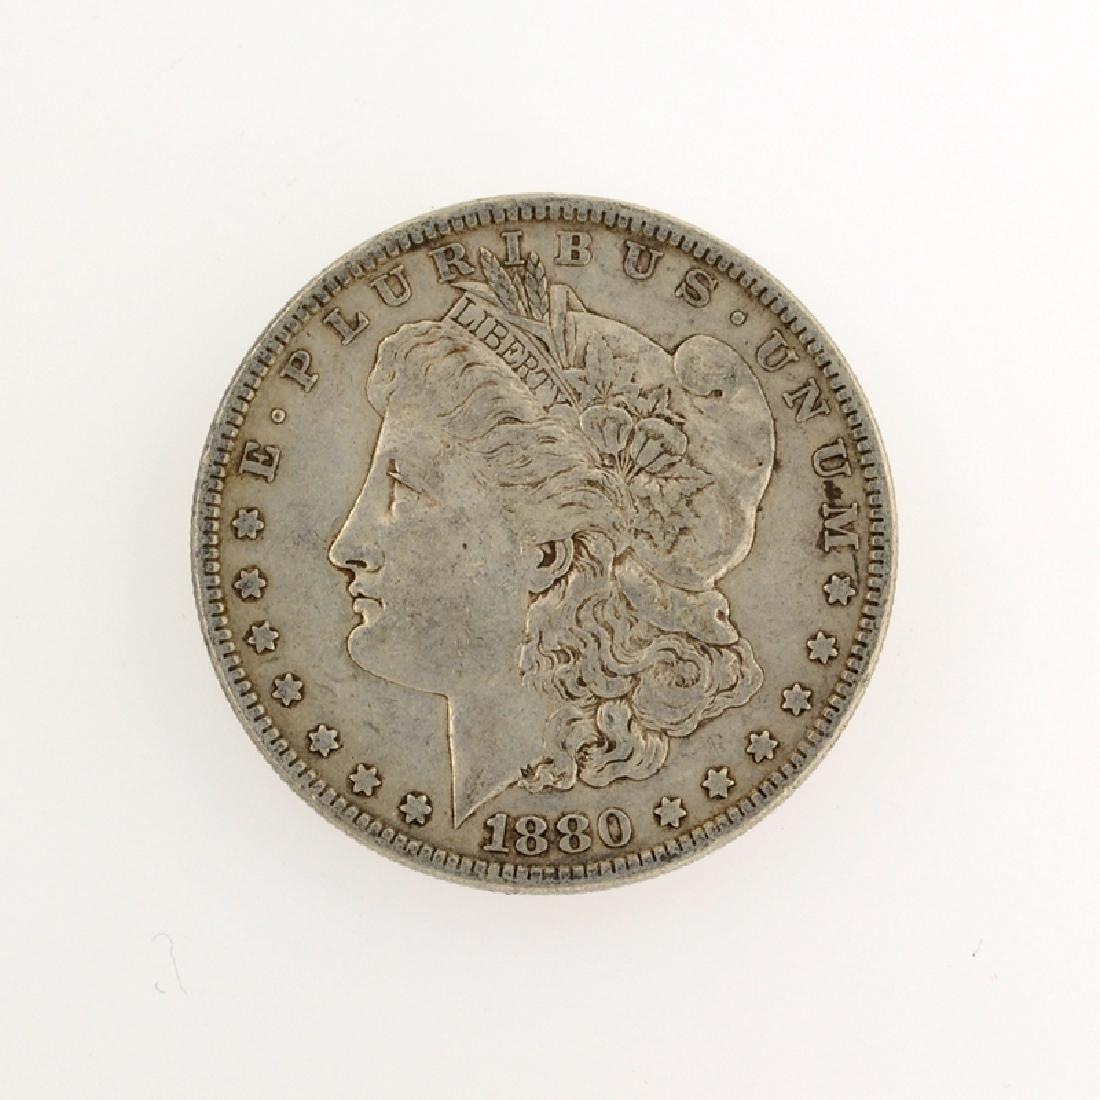 1880 Morgan Silver Dollar Coin